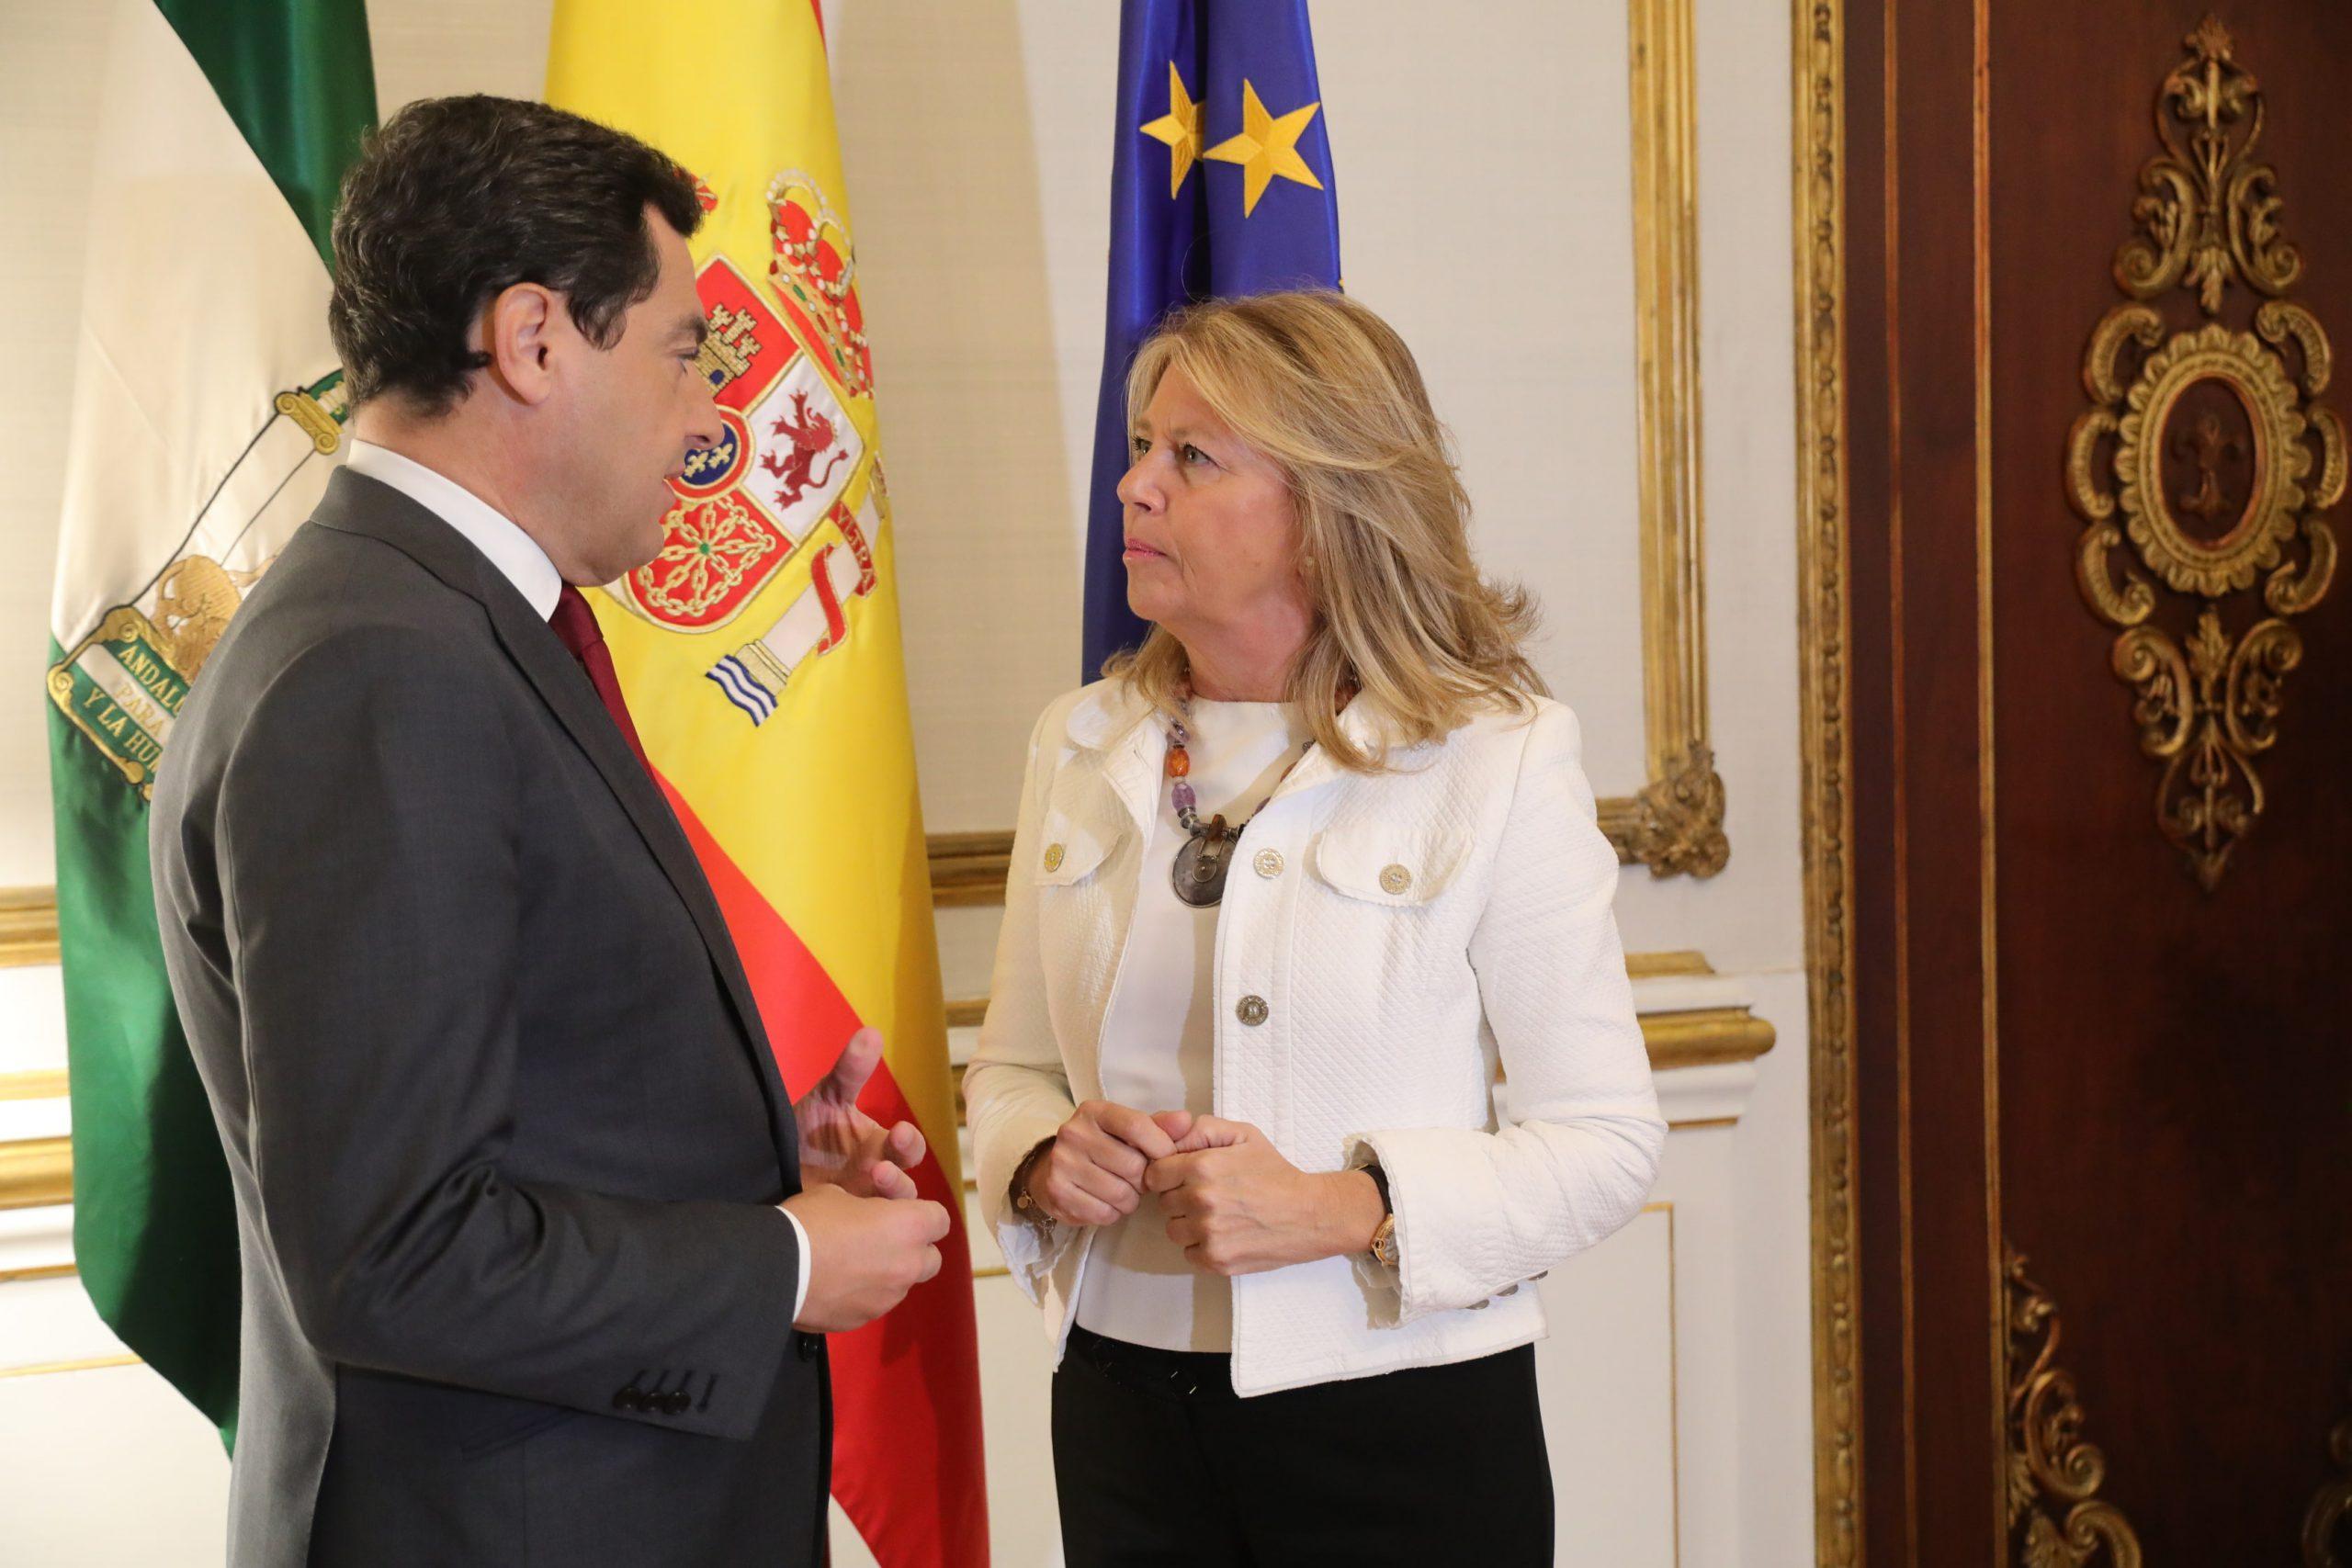 La alcaldesa aborda con el presidente de la Junta las inversiones pendientes en la ciudad